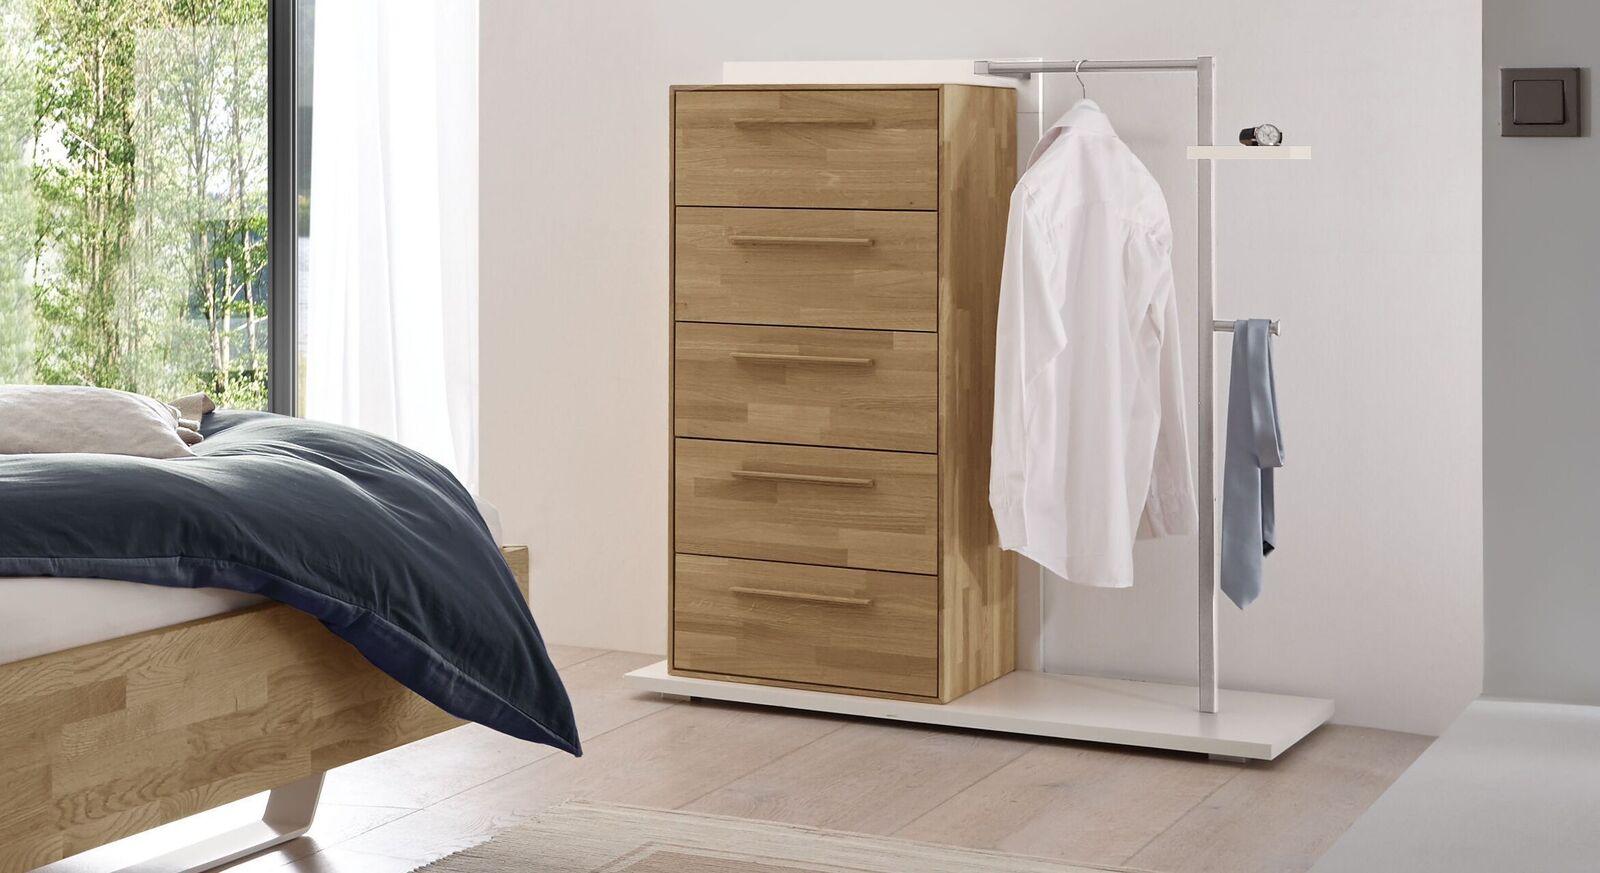 Garderoben-Kommode Weronco als Herrendiener im Schlafzimmer